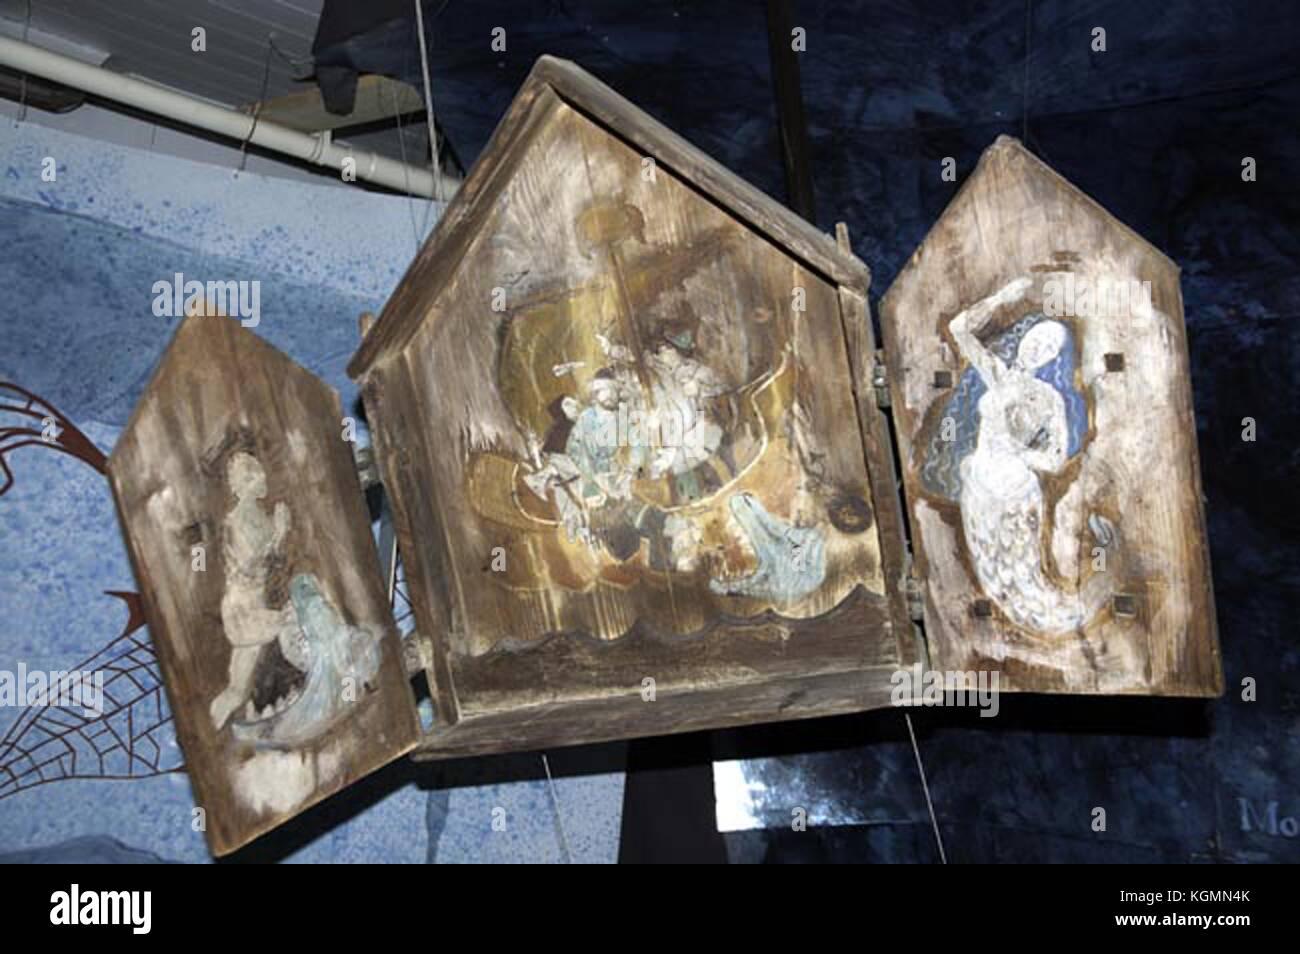 artefacts datant roumain sites de rencontre